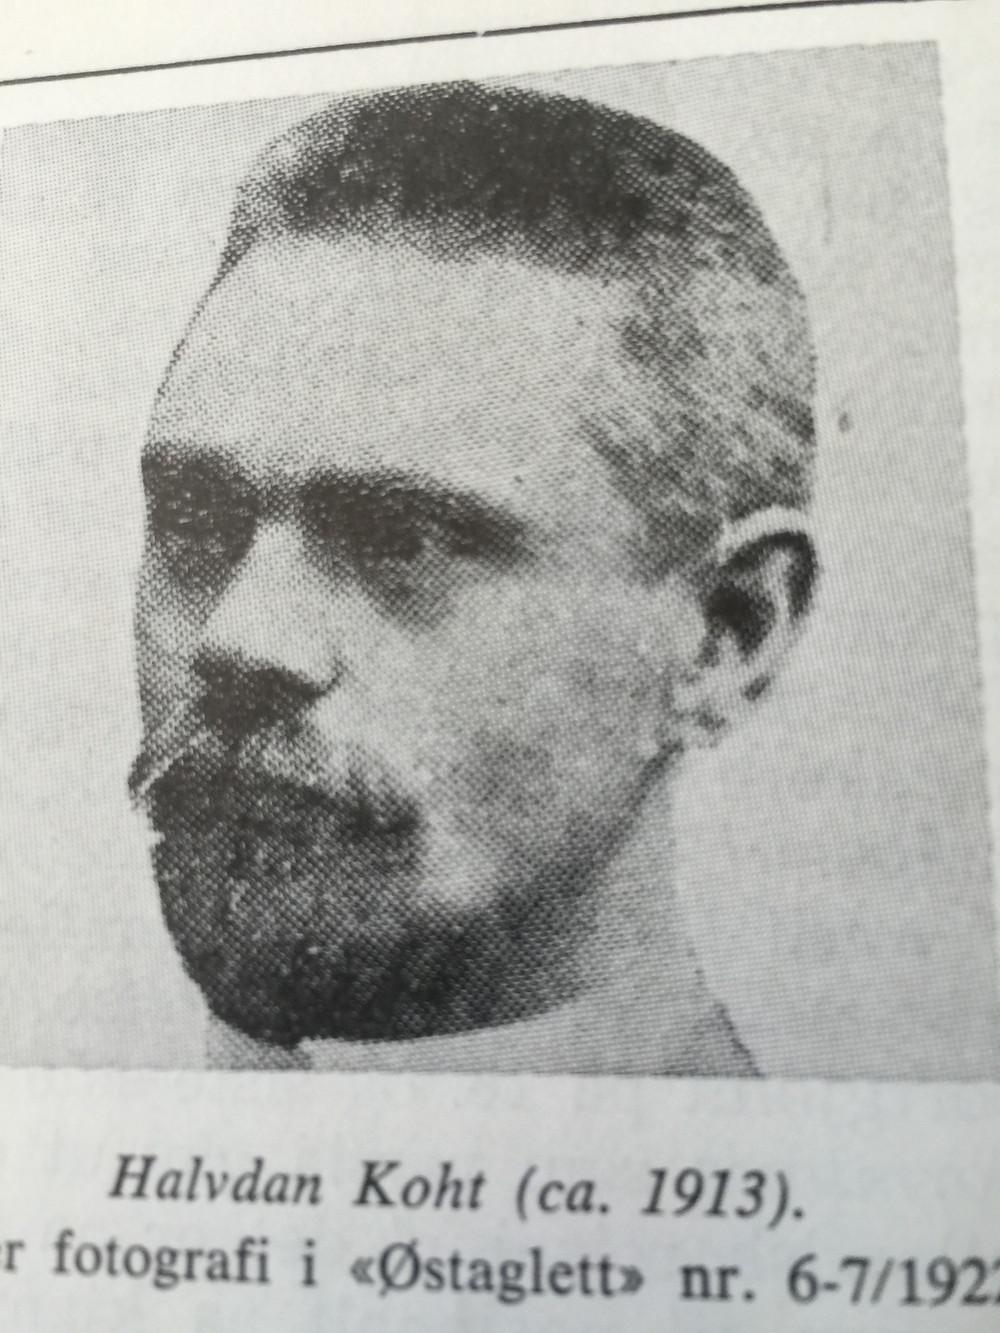 Halvdan Koht (ca. 1913)